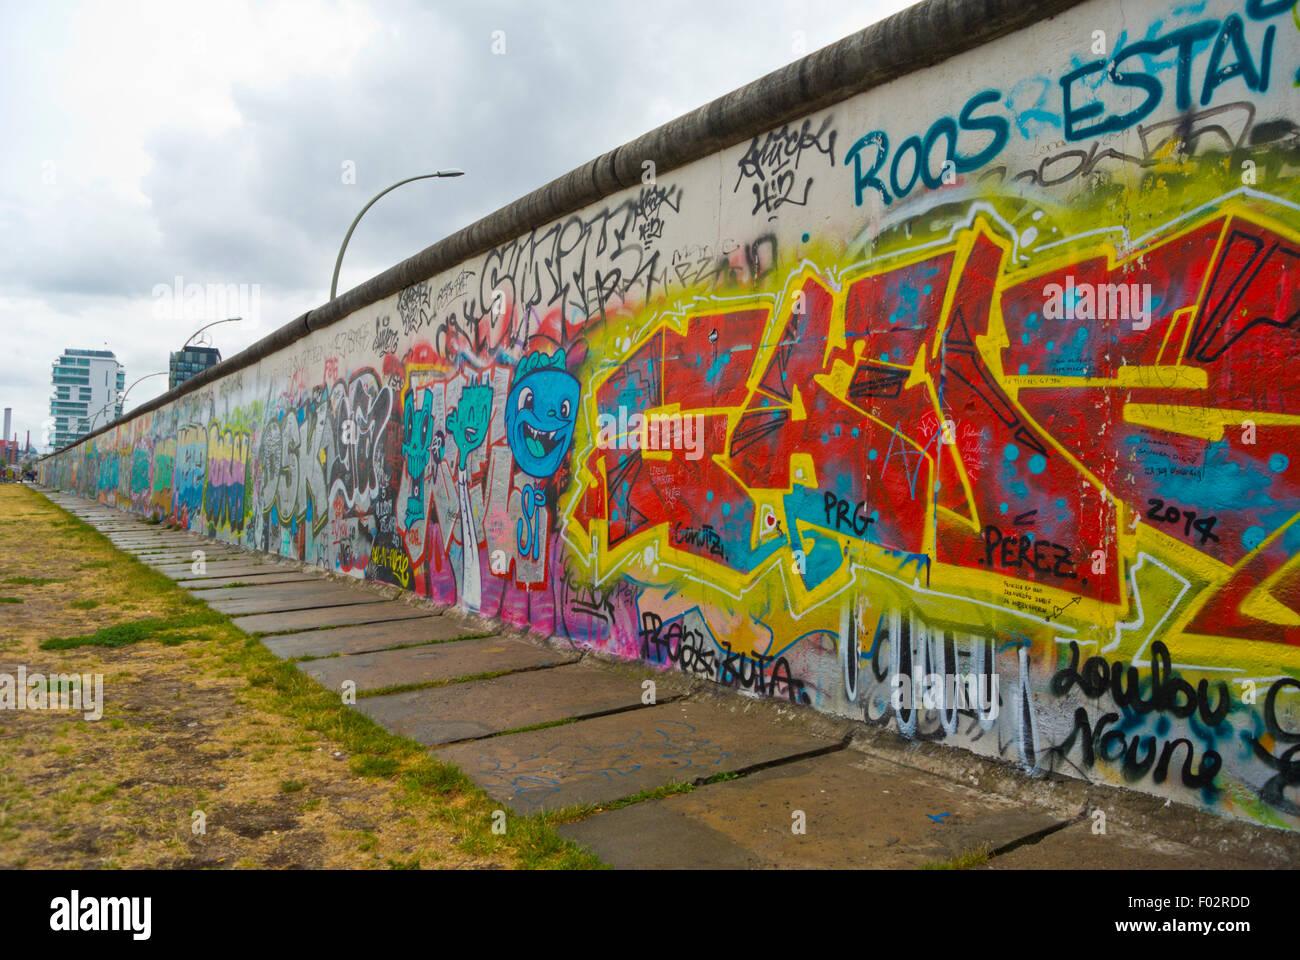 Mayor parte restante de la pared, East Side Gallery, Friedrichshain, Berlín oriental, Alemania Imagen De Stock